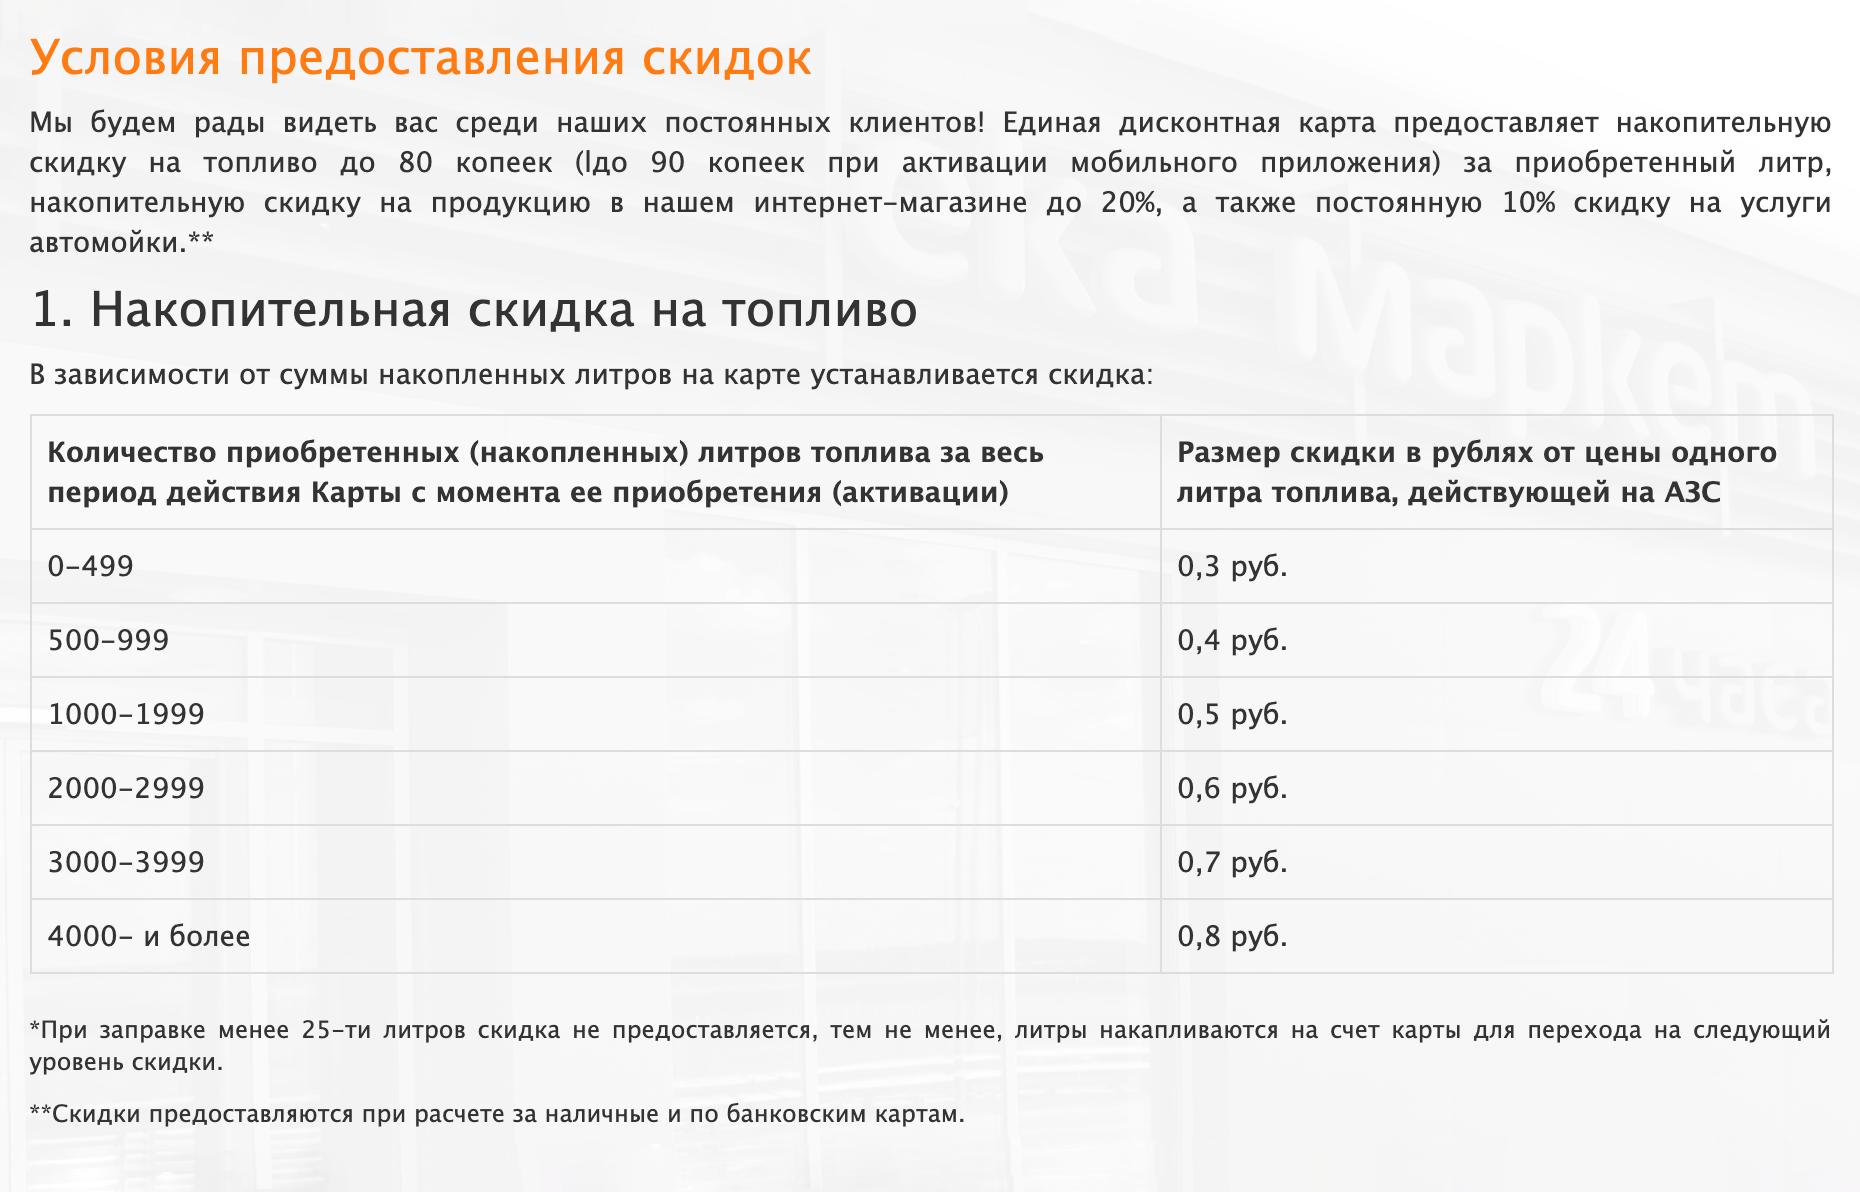 Скидочная карта дает скидку на топливо 30—80 копеек за литр, скидку в интернет-магазине до 20% и 10% на услуги автомойки